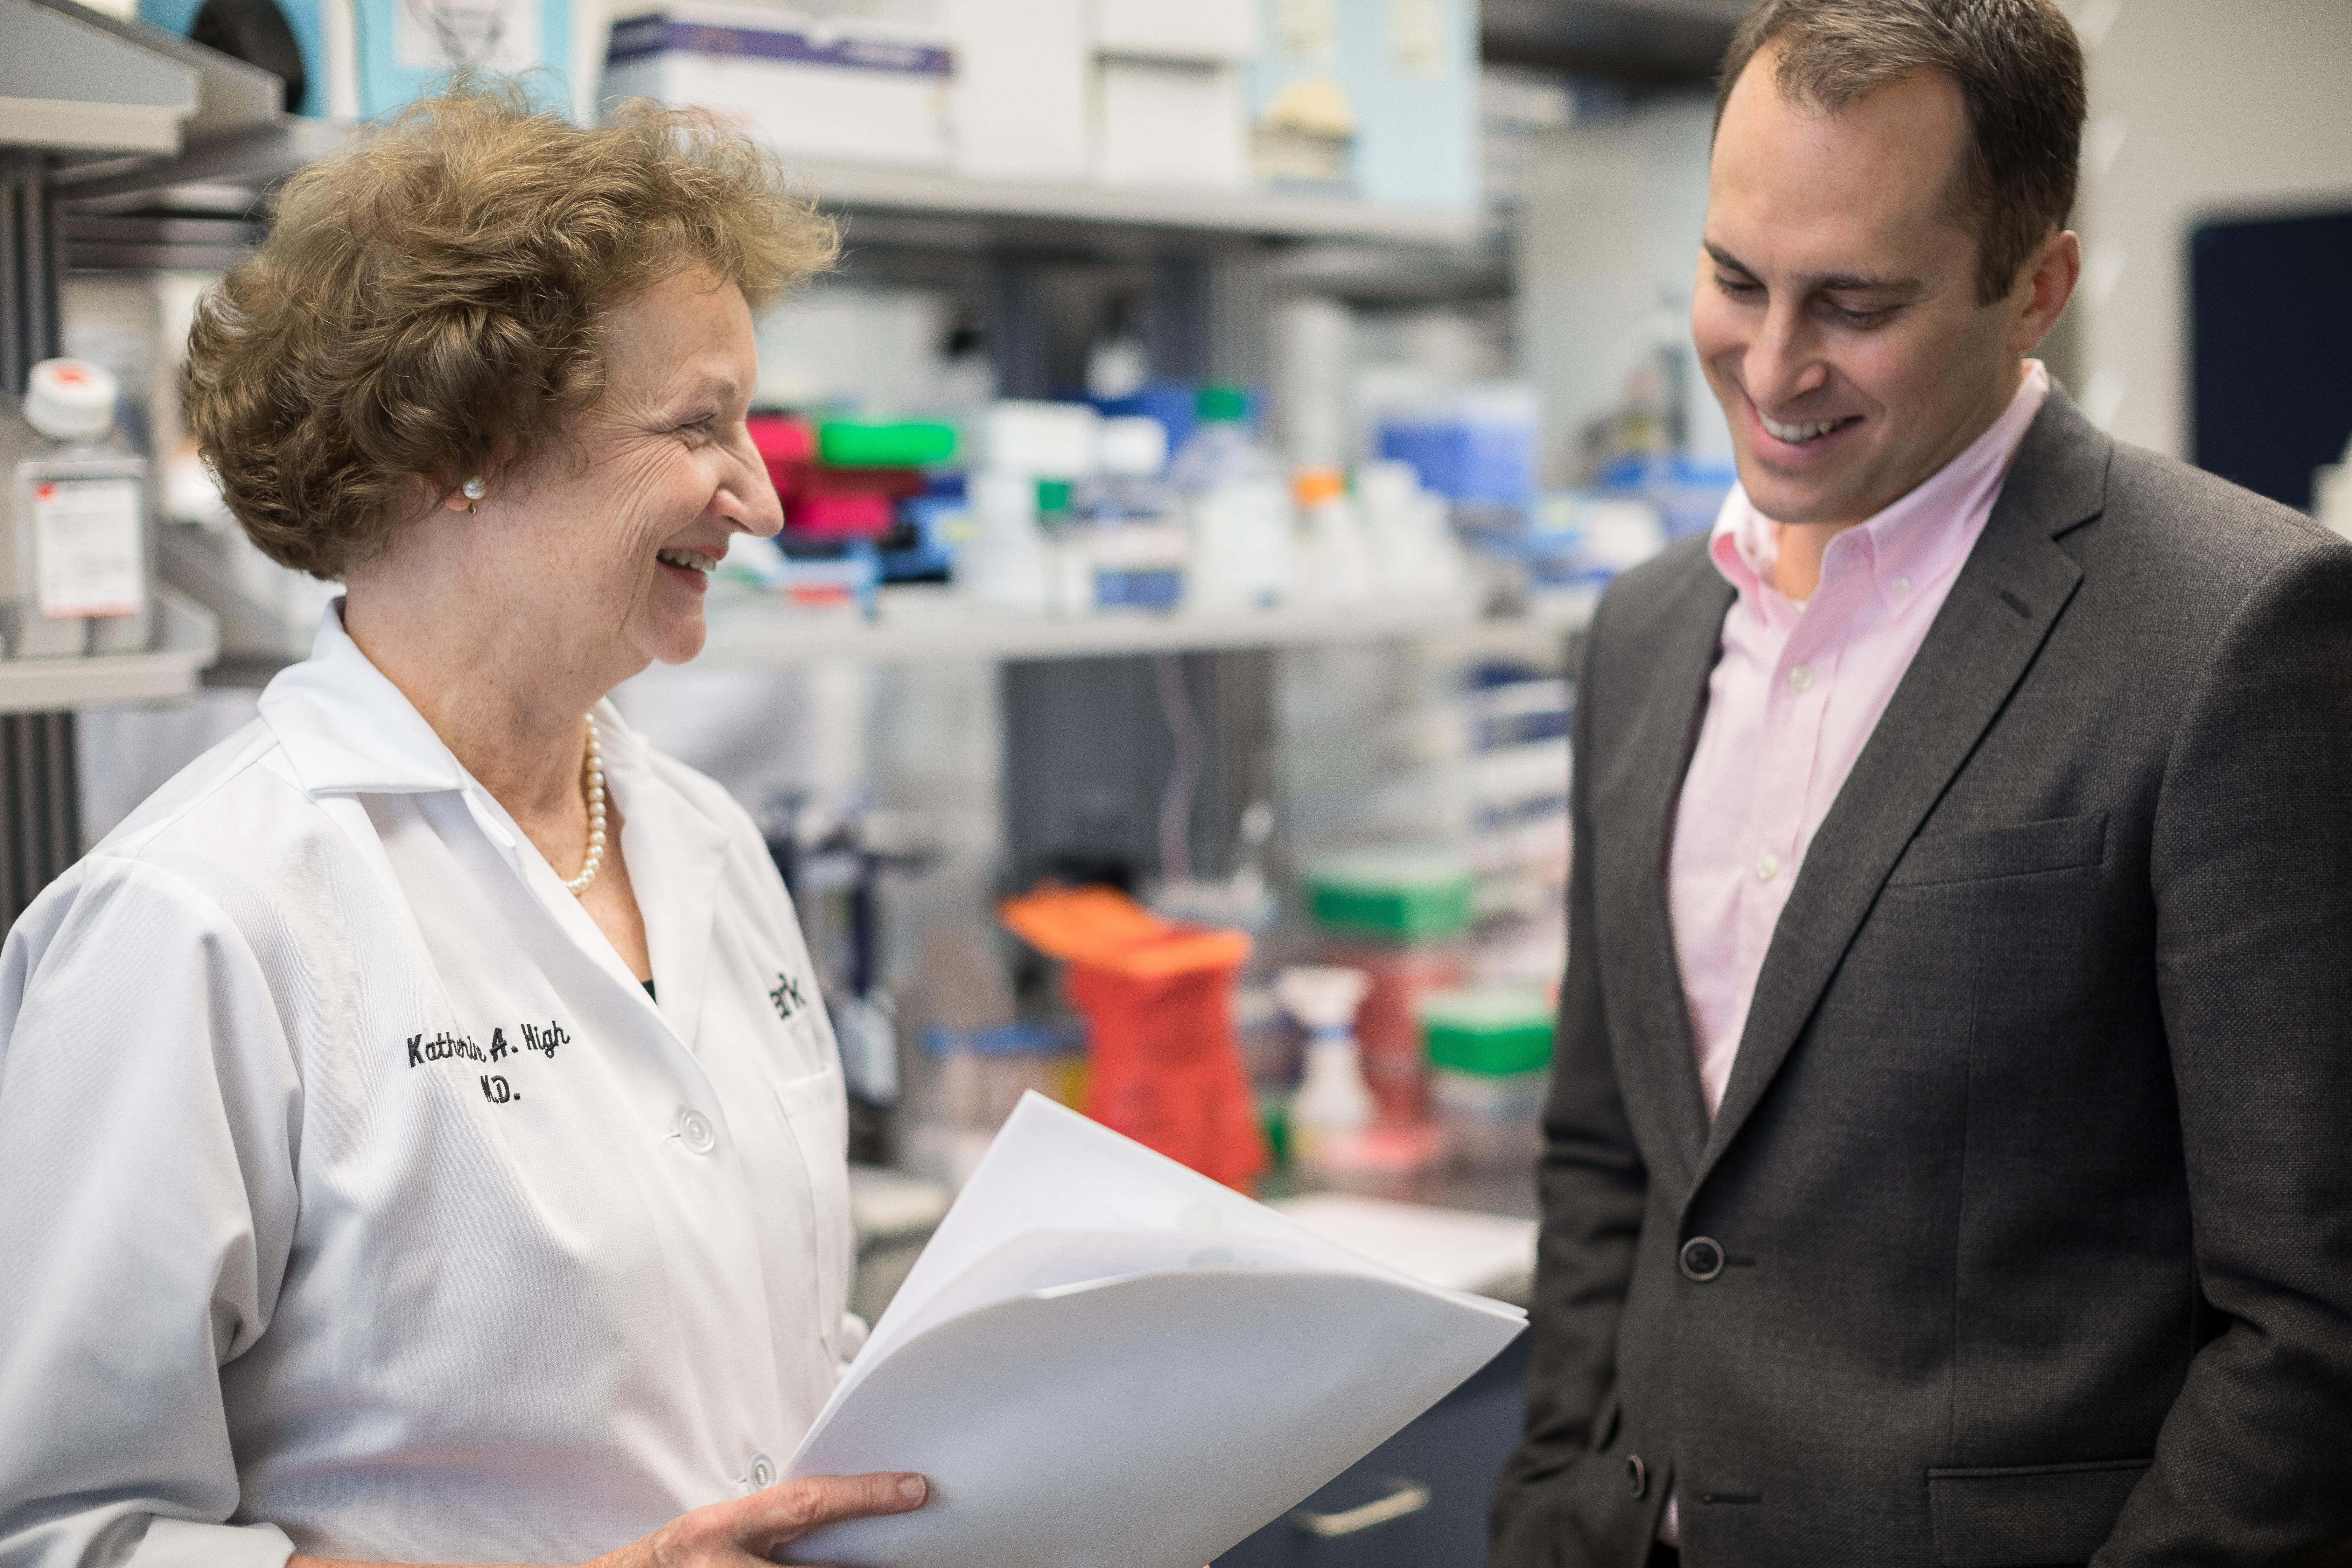 Katherine High, presidenta y directora científica de Spark Therapeutics, con sede en Filadelfia, y Jeff Marrazzo, CEO de la compañía.